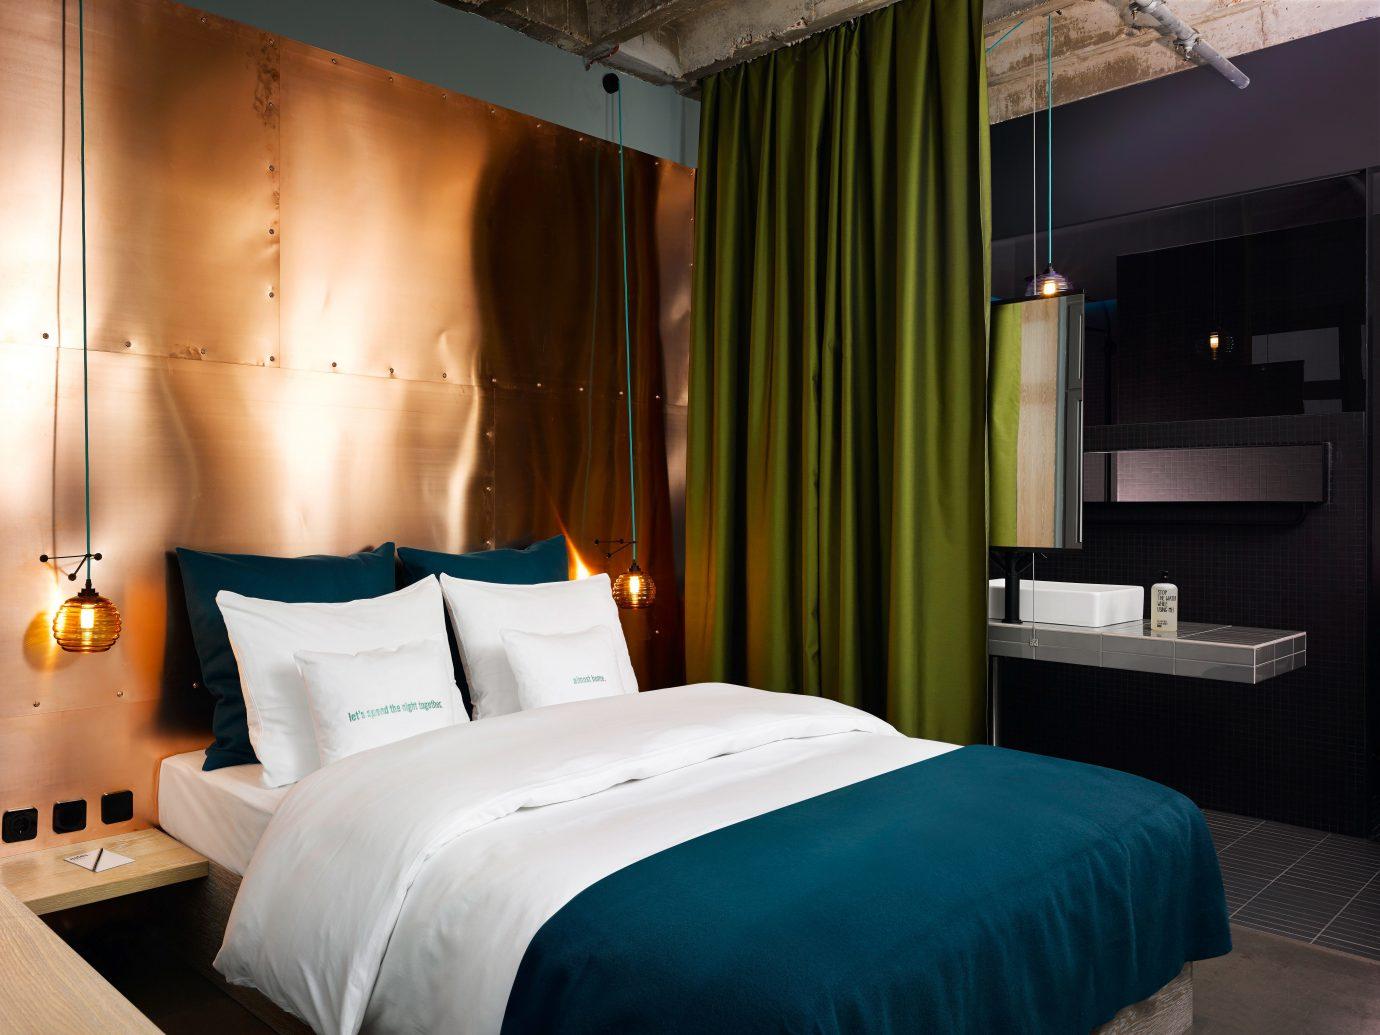 Bedroom Living Suite Trip Ideas bed indoor wall hotel room property interior design cottage bed sheet estate Design